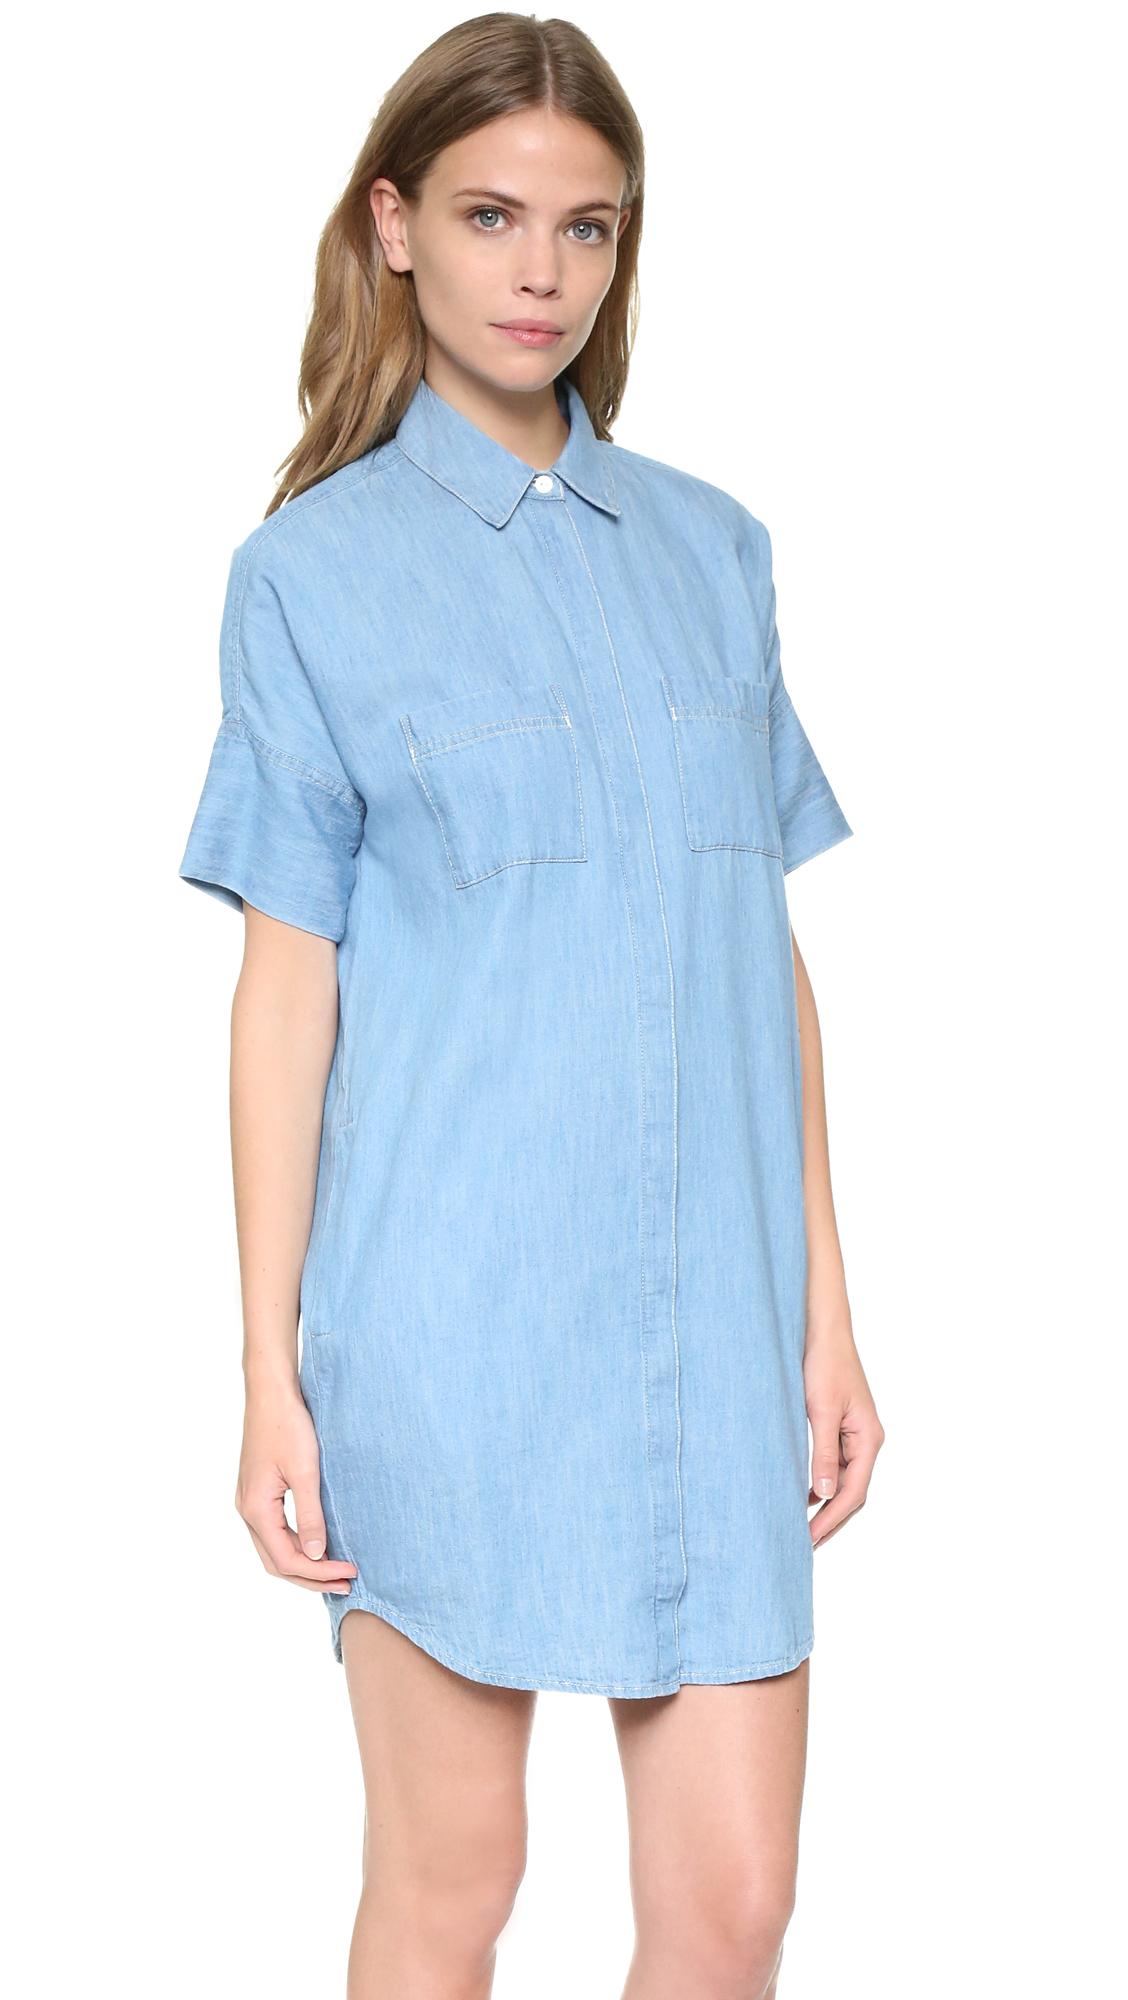 9275d6f37d Madewell Courier Denim Dress